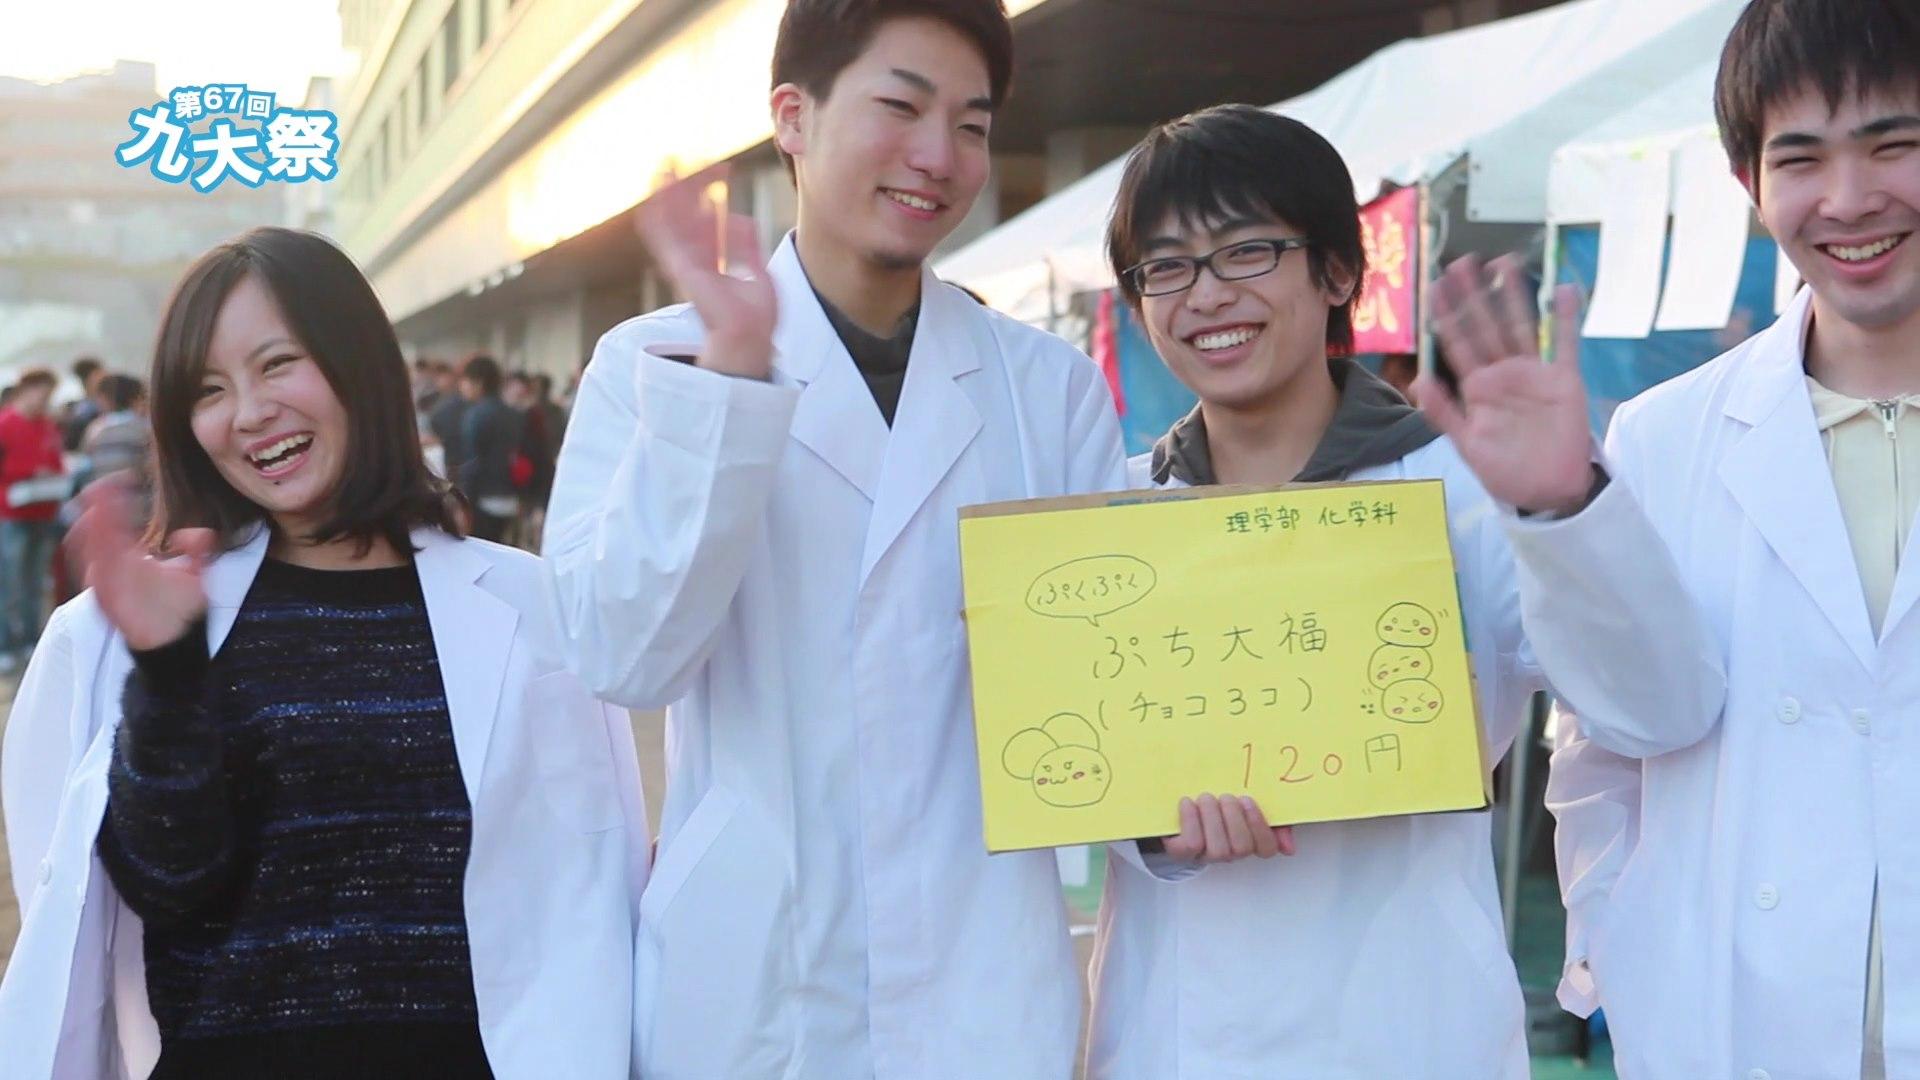 第67回 九州大学学祭.mov_000352385